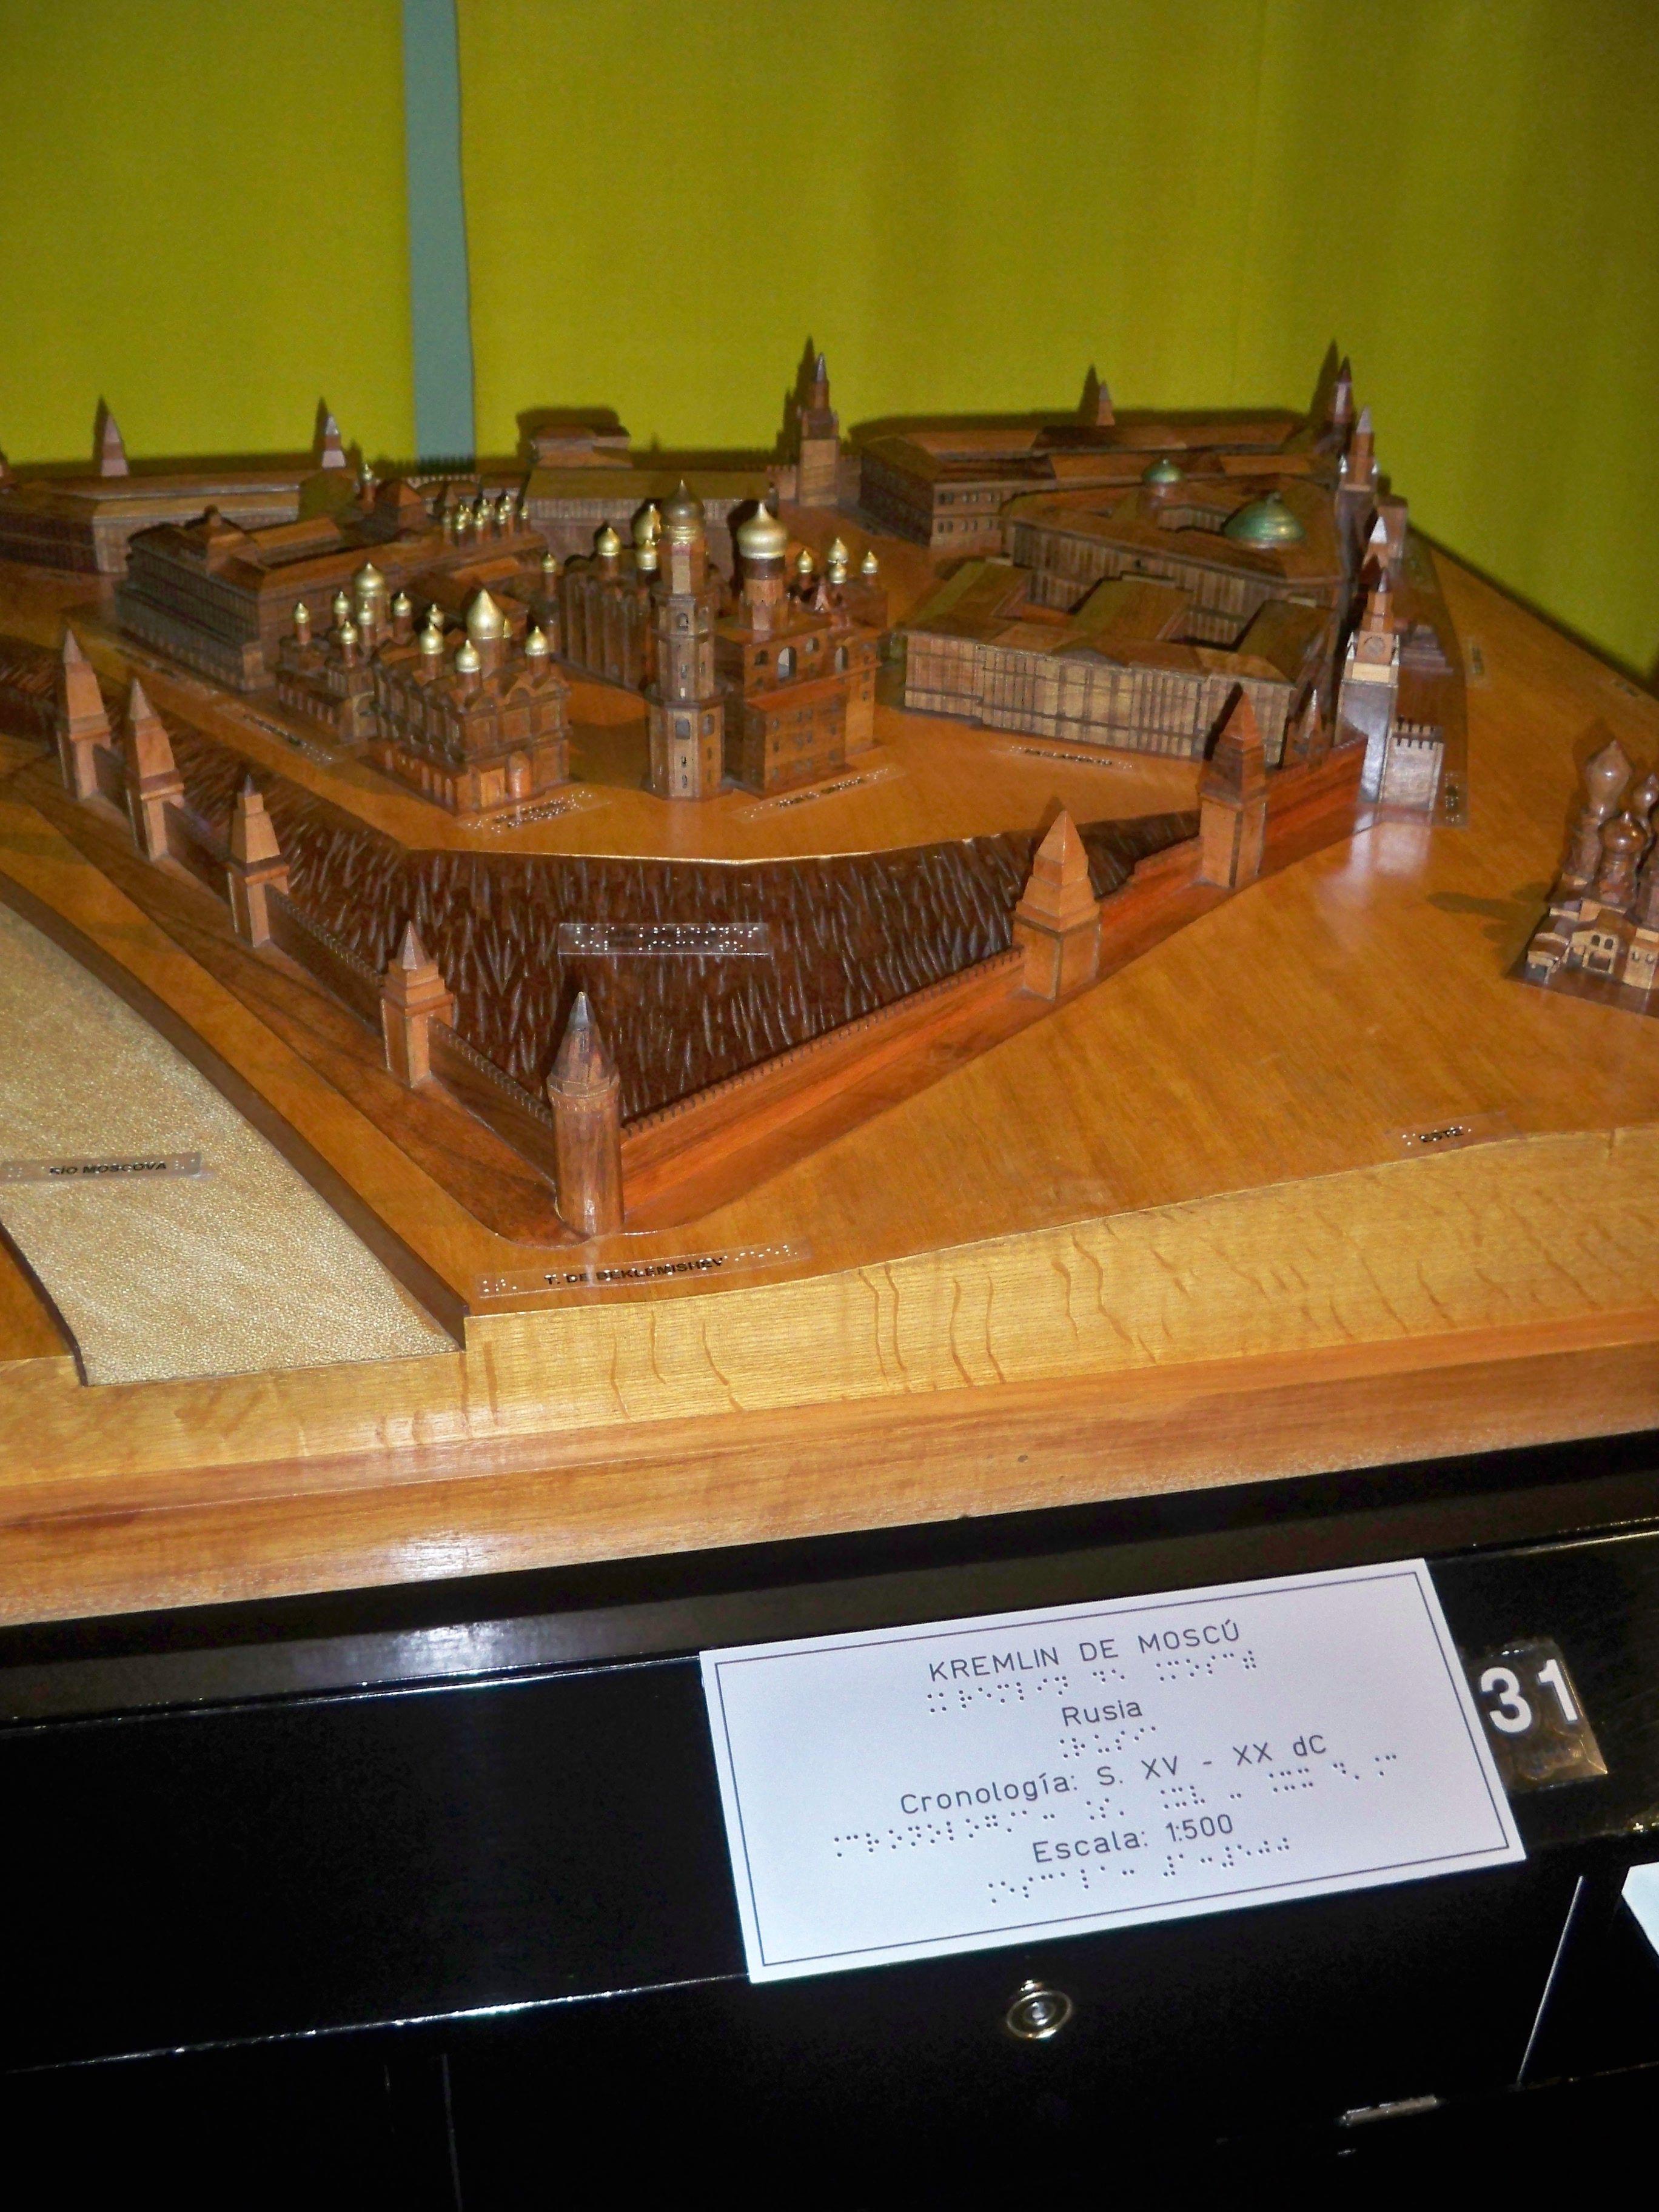 Visita del Curso de Teleasistencia, maqueta del Kremlin en el museo teflologico.